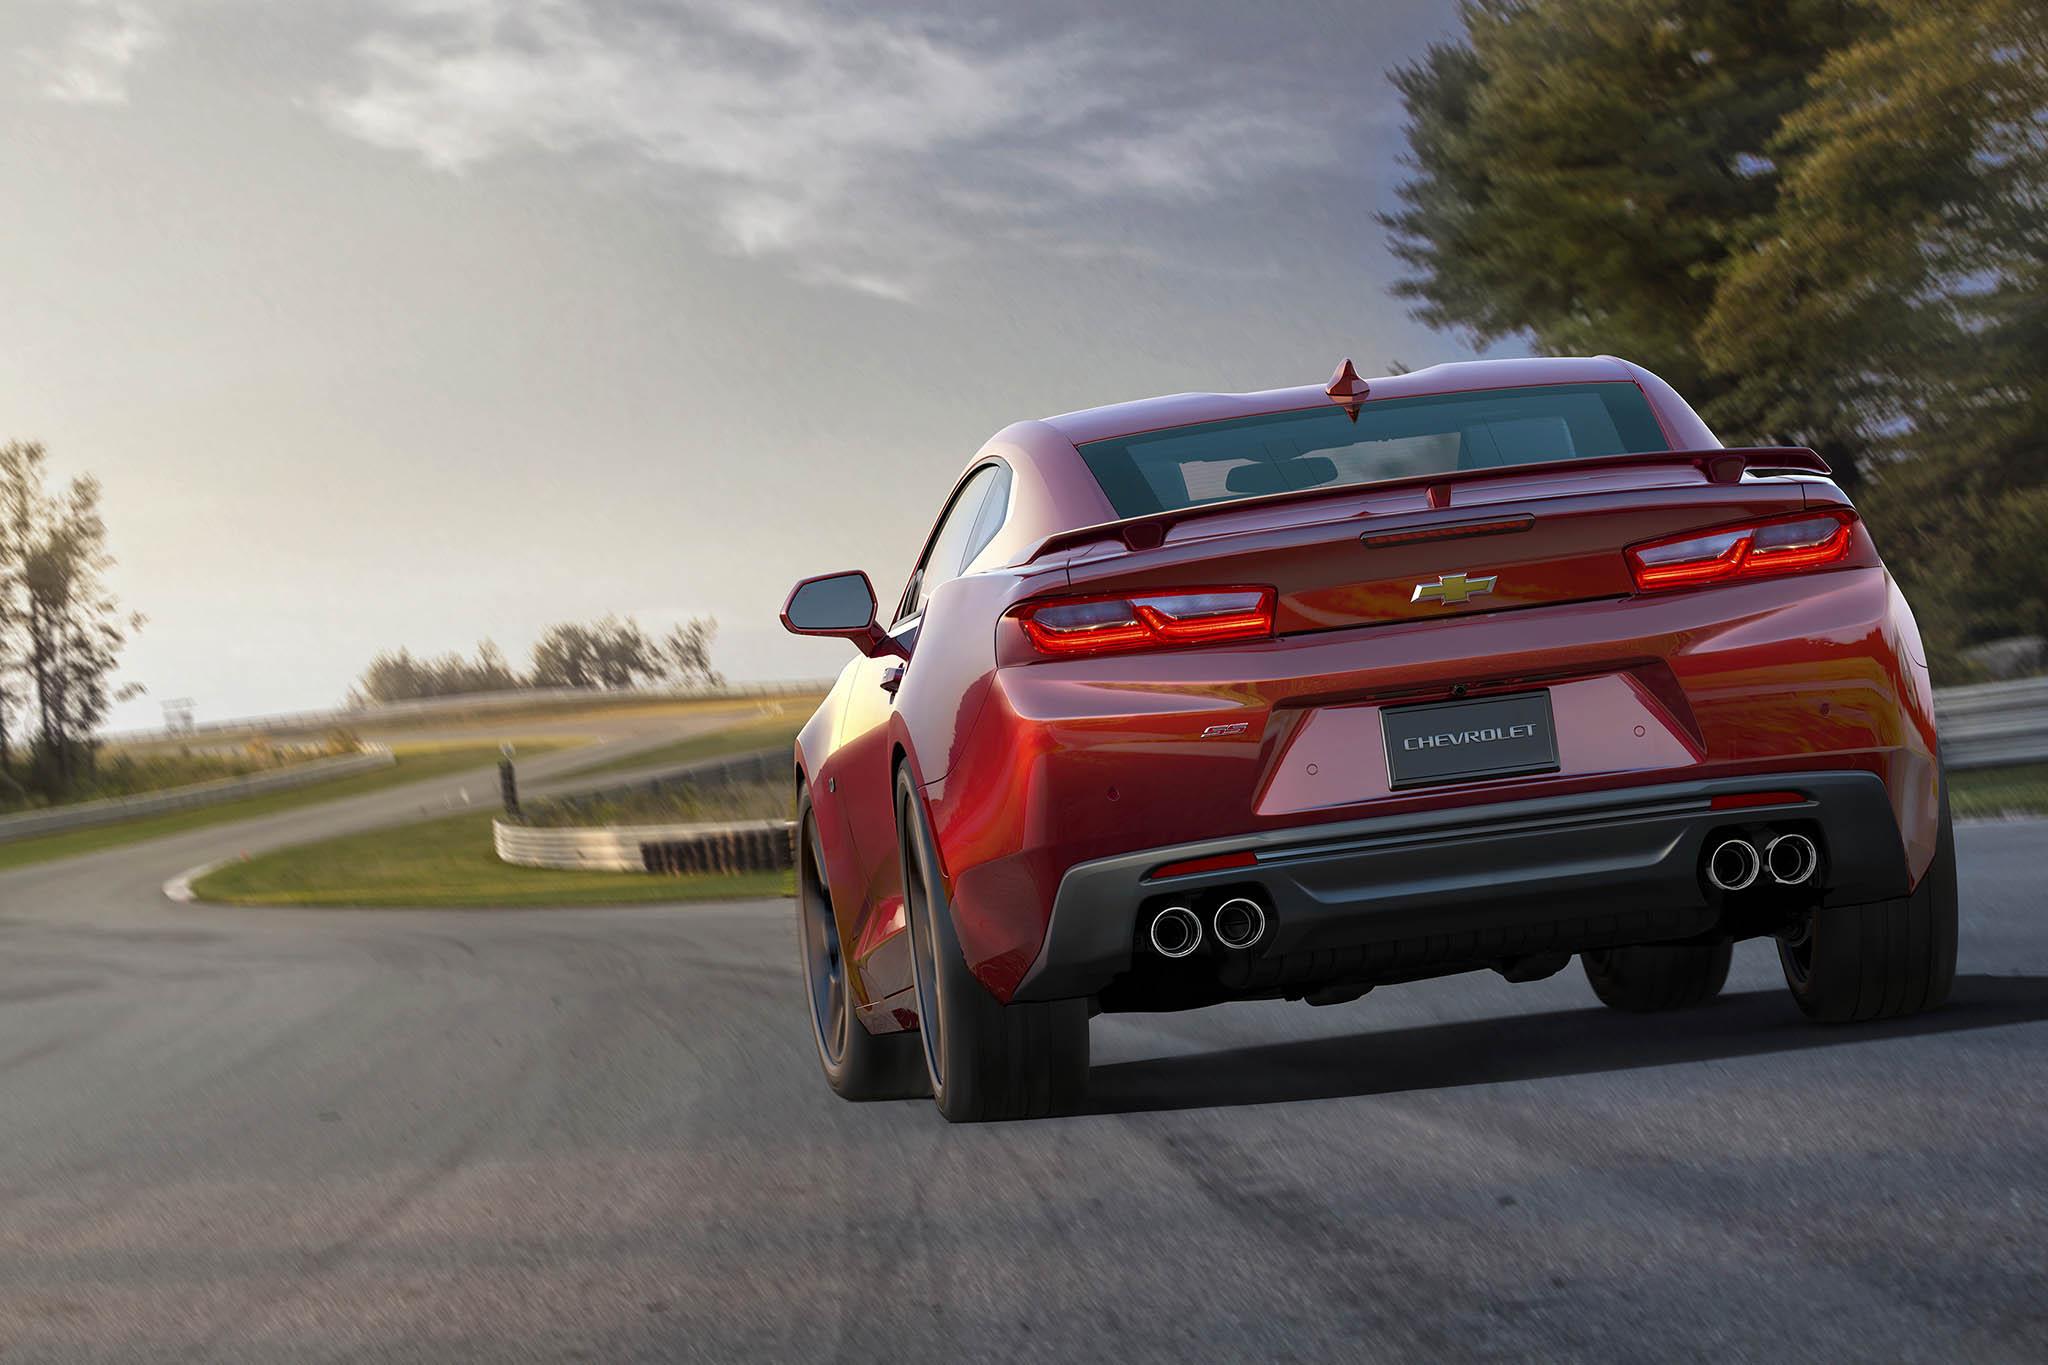 صور شيفورلية كامارو ZL 1 موديل 2018 الجديدة .. رمزاً جديداً للقوة 2017 video 2018-Chevrolet-Camar